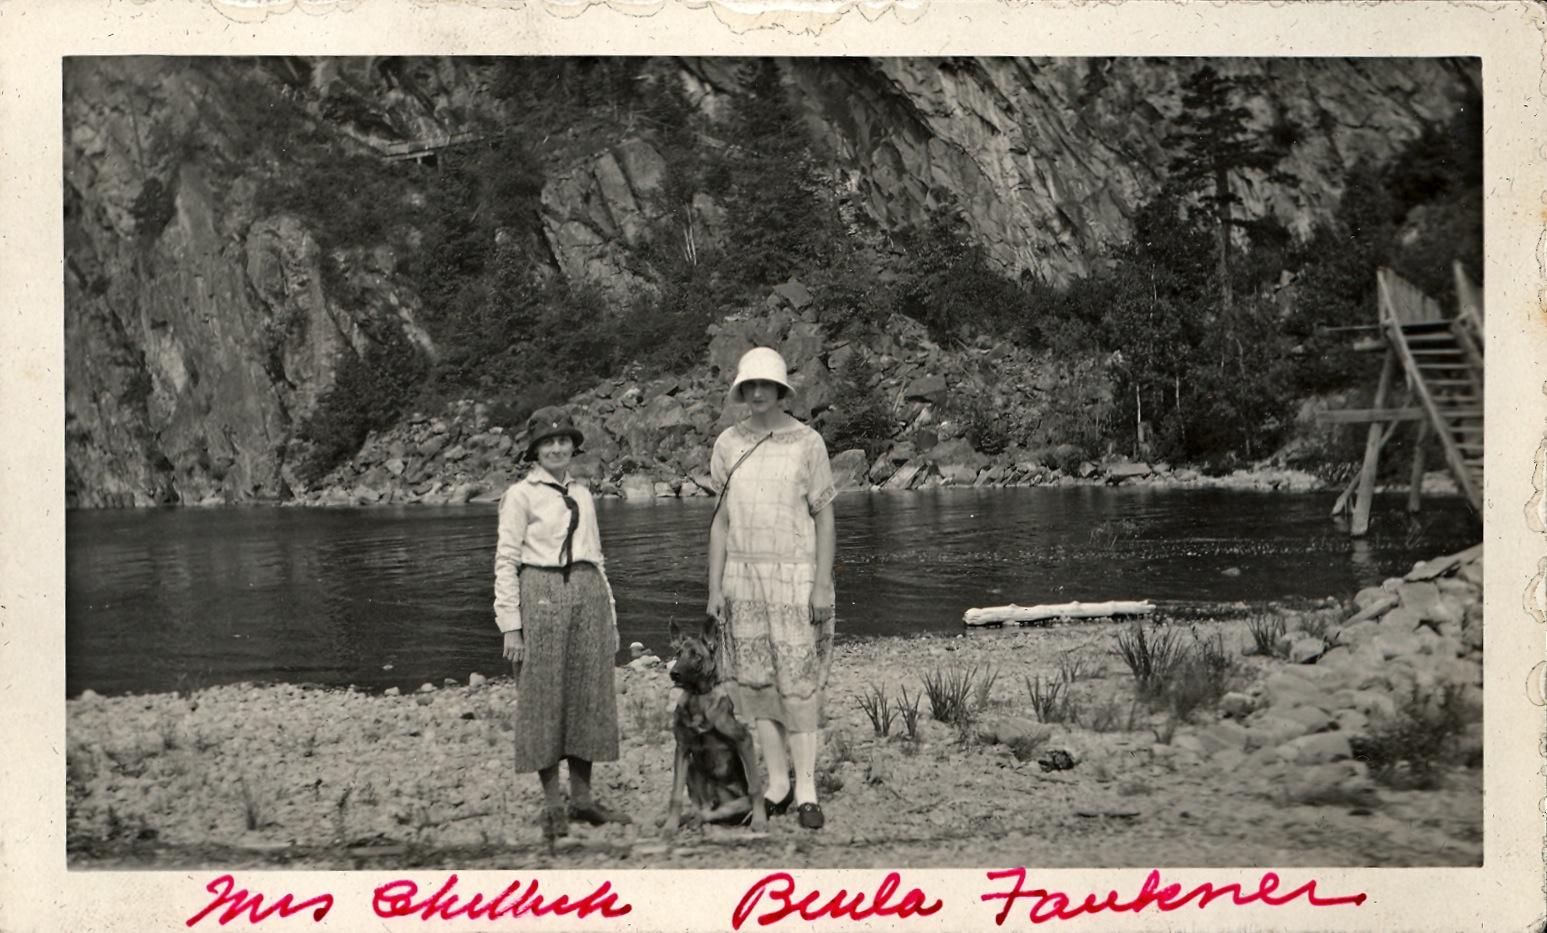 Mrs. Chittick & Beula Faukner at Bon Echo